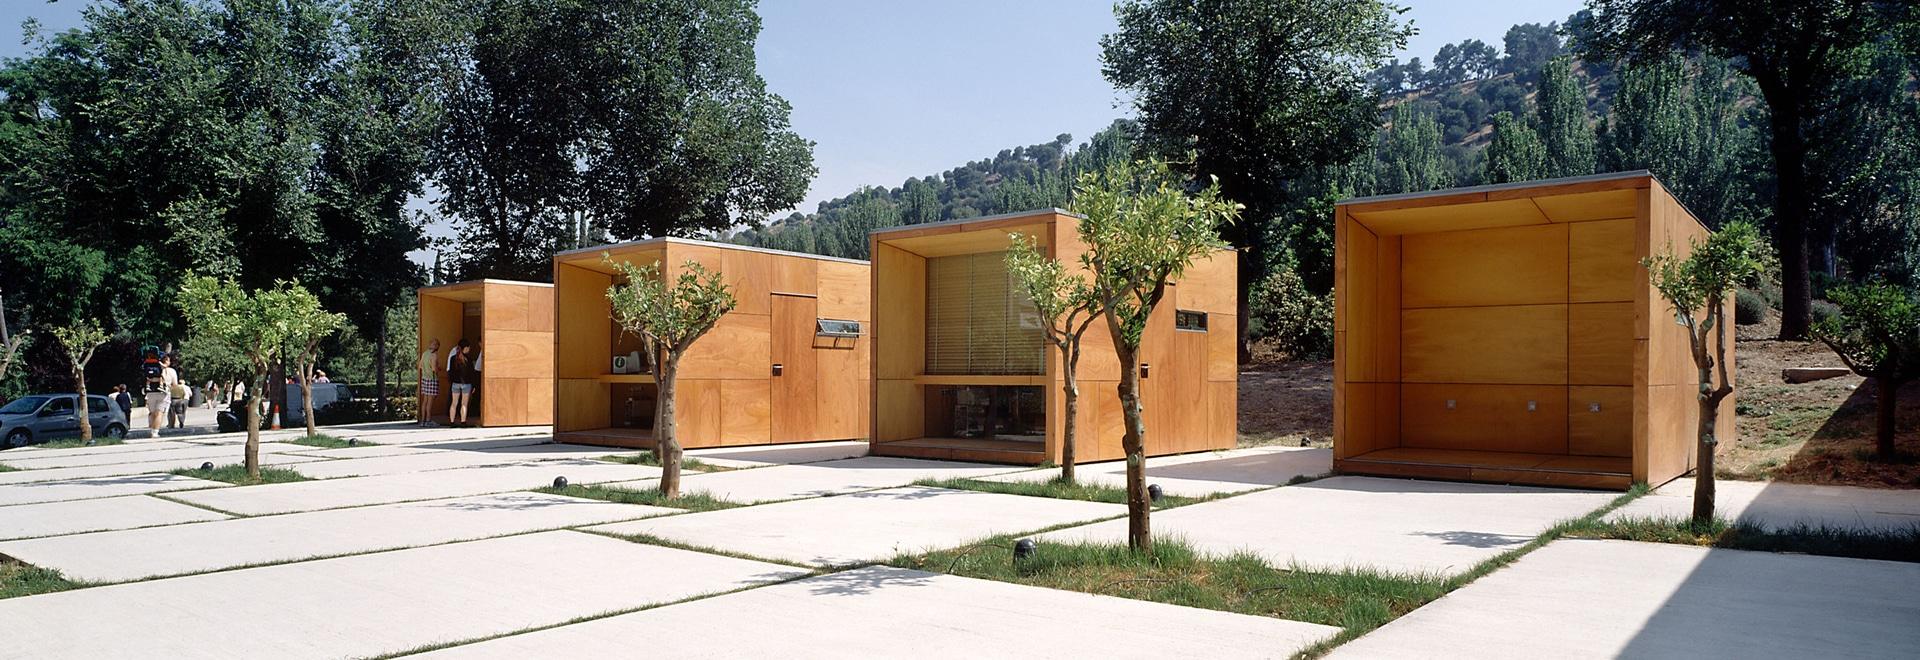 Points d'information à l'Alhambra